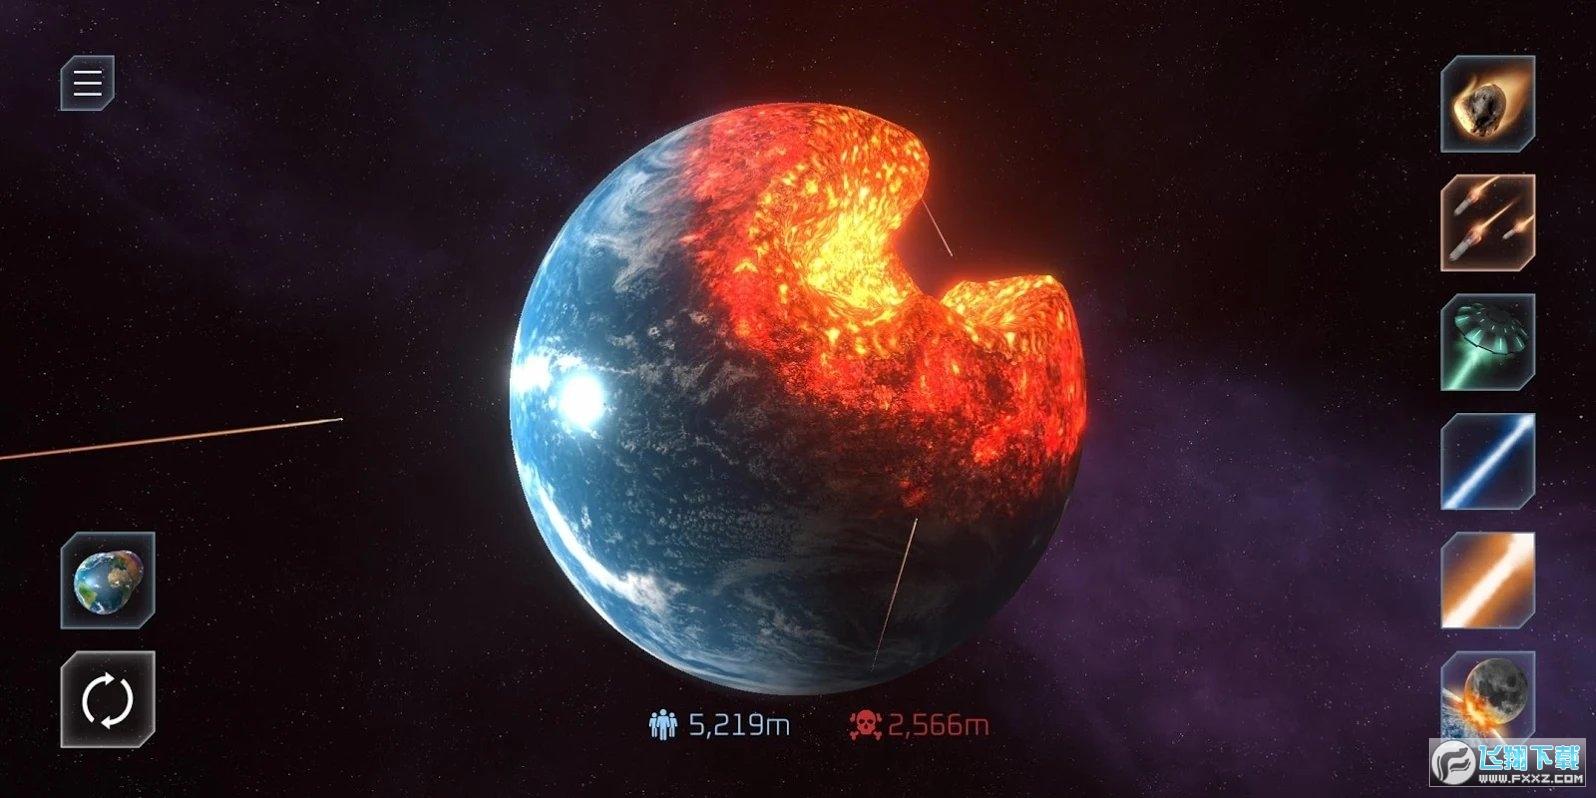 星球毁灭模拟器汉化版v1.4.1最新版截图1